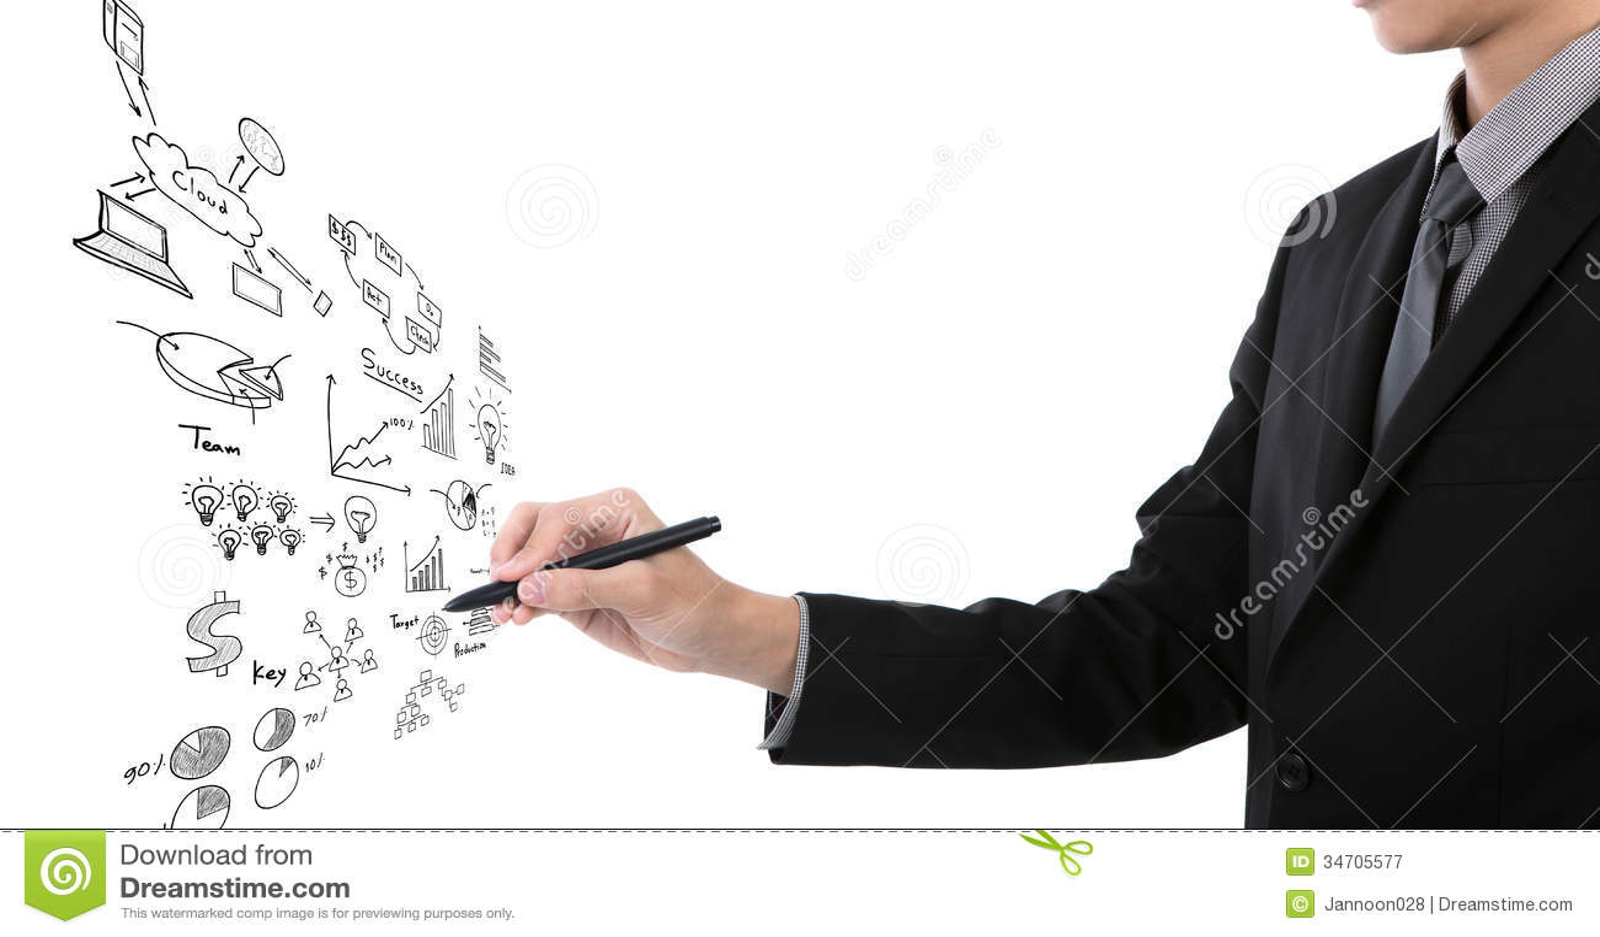 Gráfico de negocio de la escritura del hombre de negocios